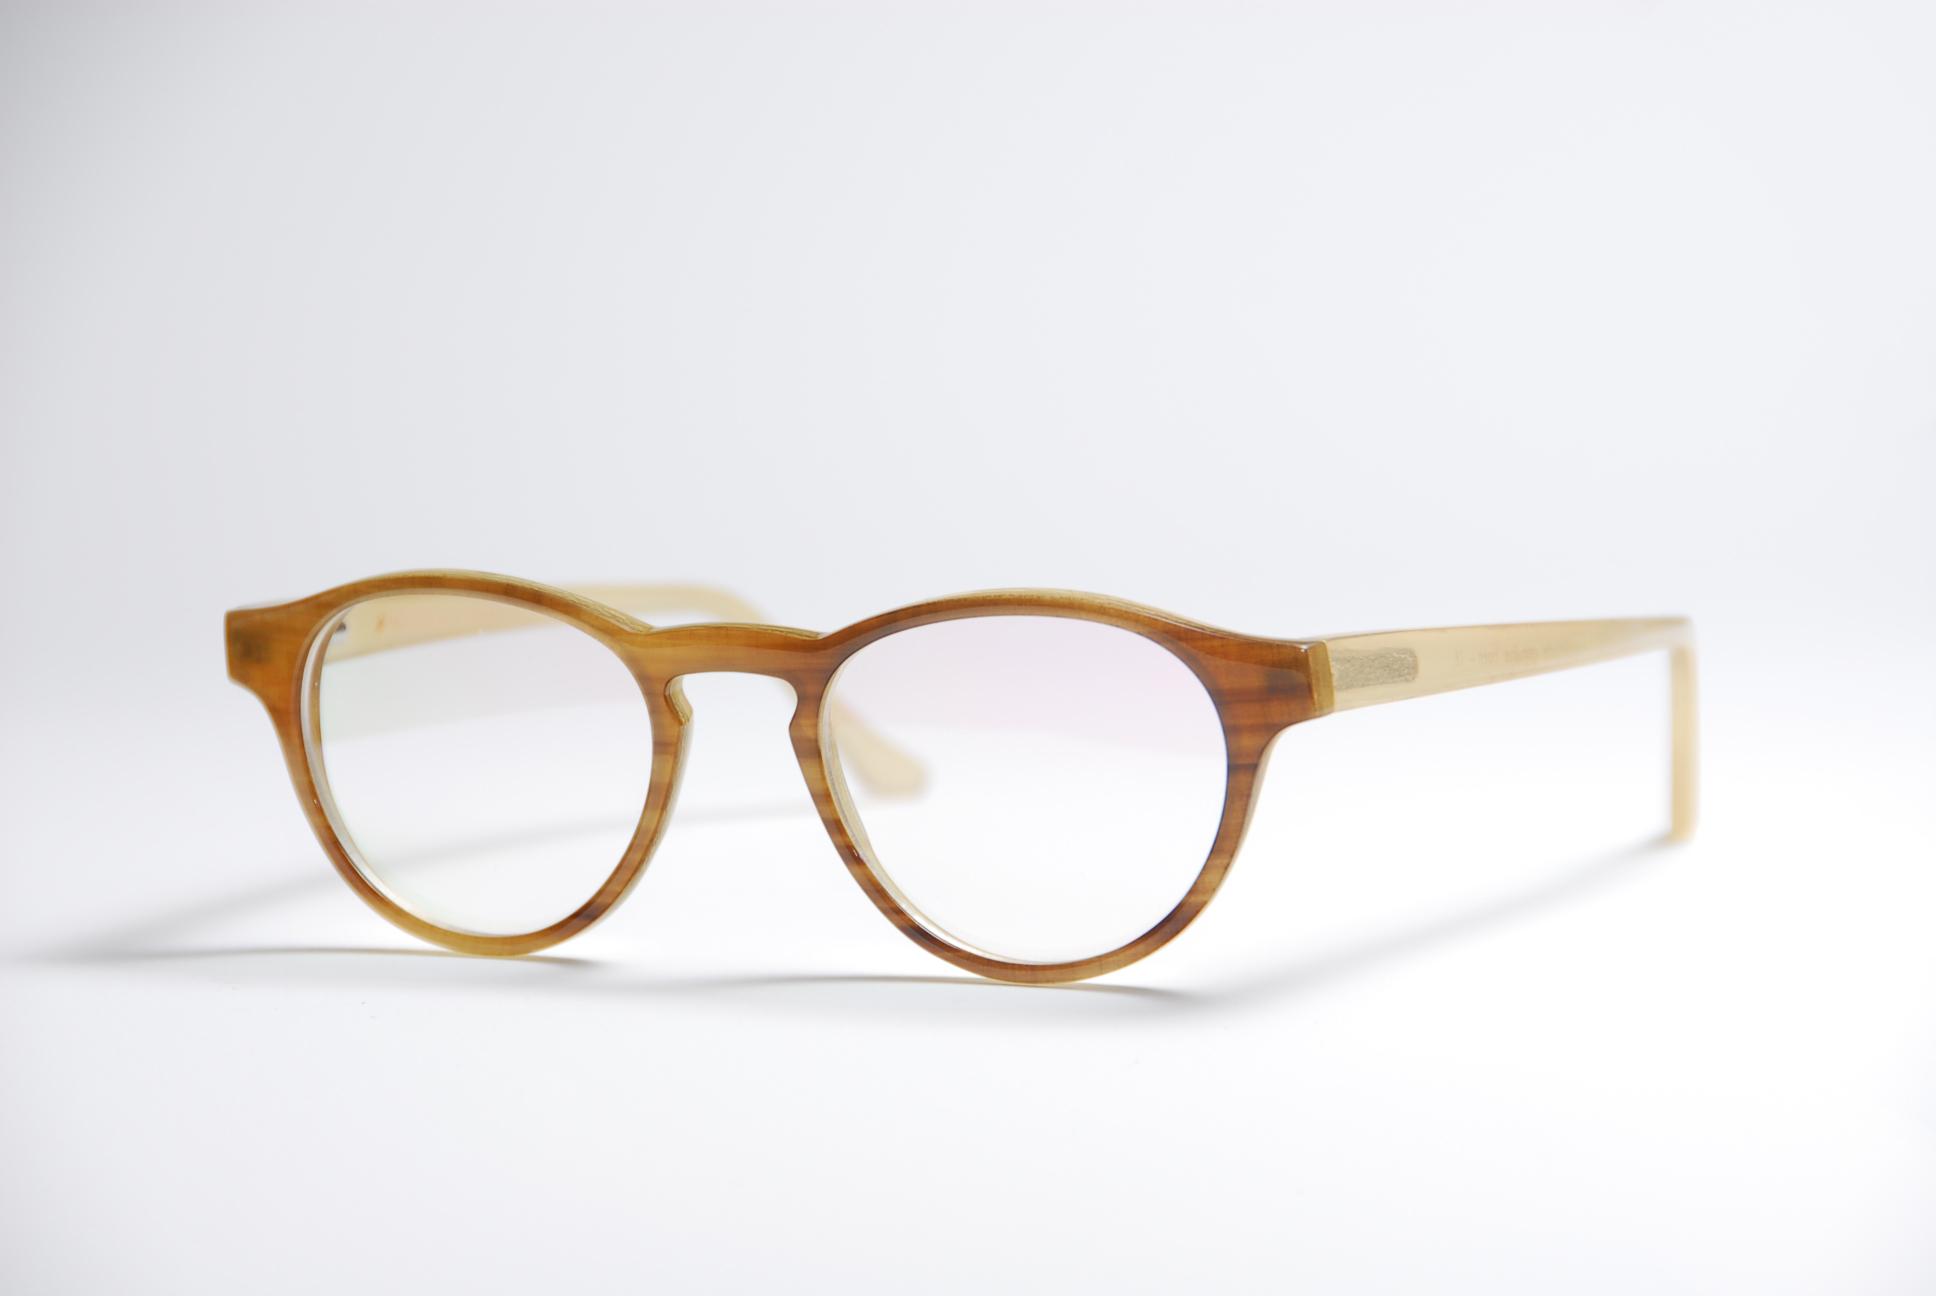 International design company occhiali in corno naturale for International design company